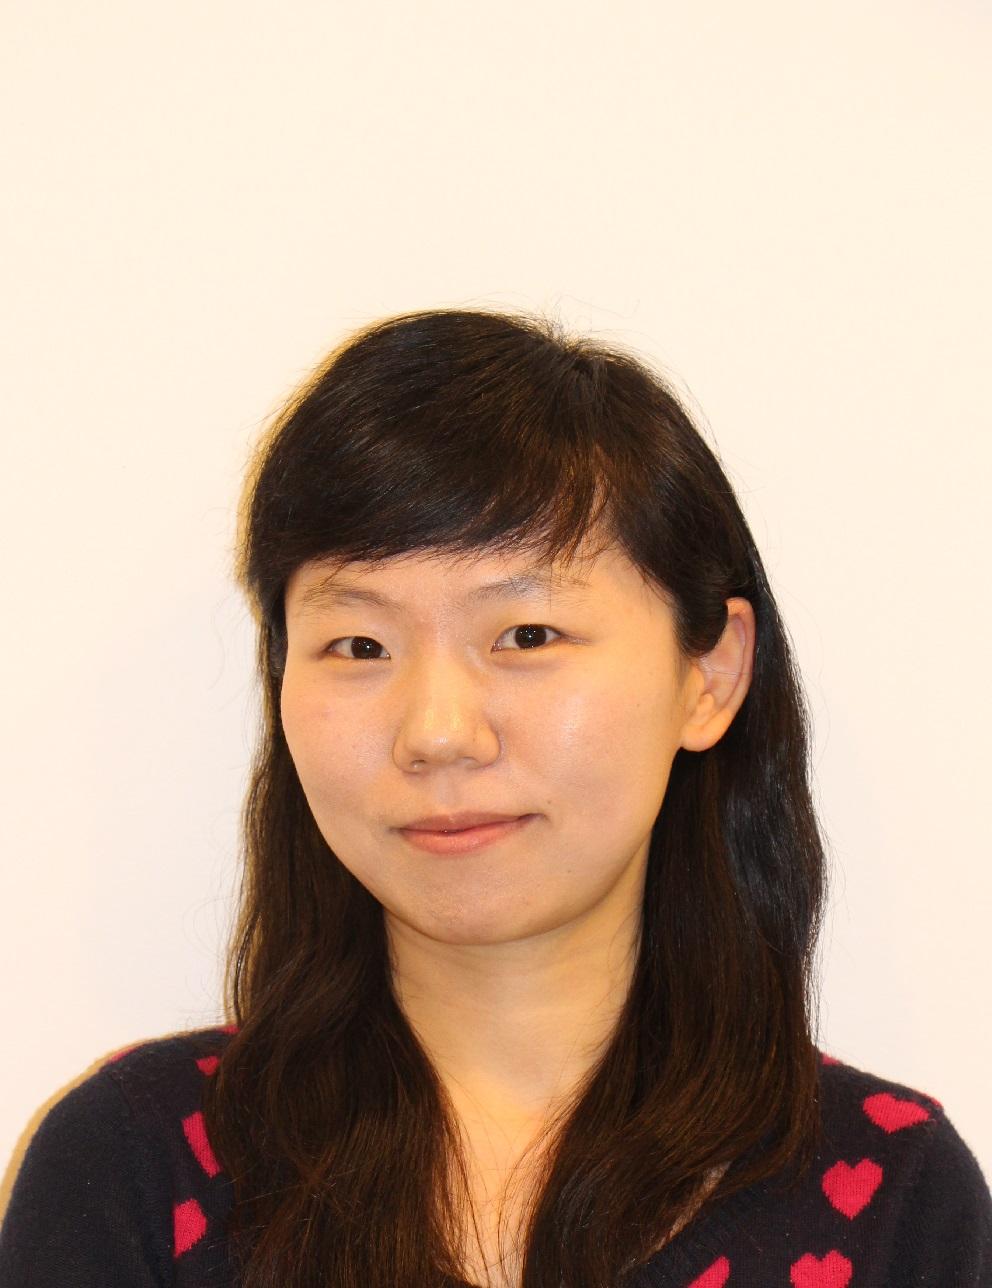 Ellie Liang